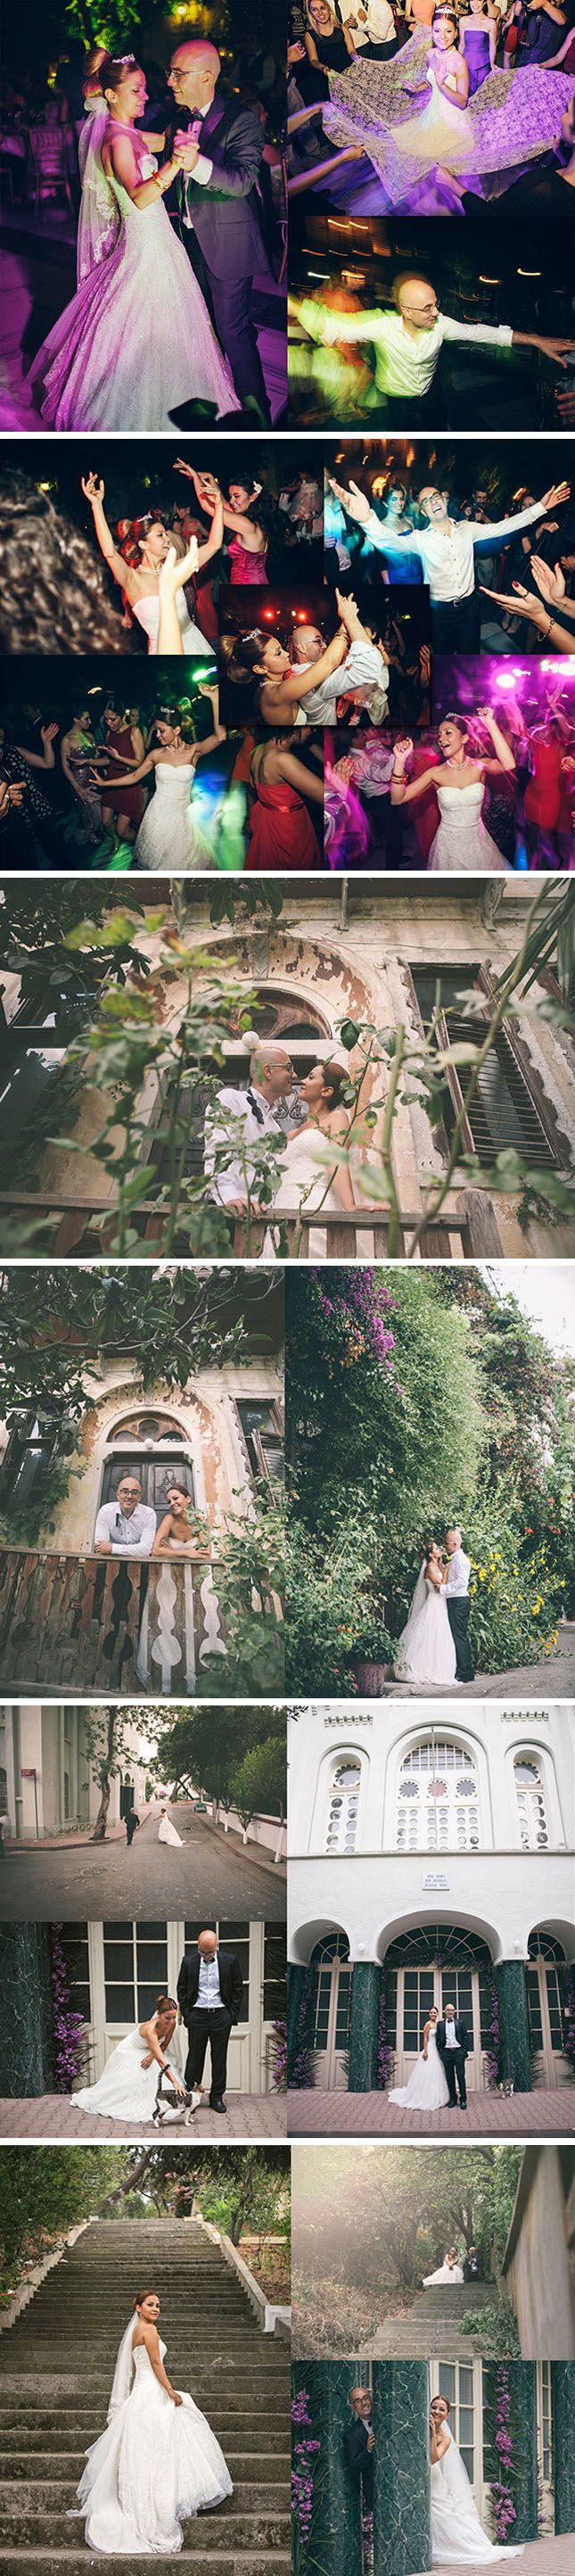 wedding photography, turkish wedding photographer, Düğün Günü Hikayesi- Büyükada Düğün Fotoğrafçısı, İstanbul düğün fotoğrafcisi, wedding, düğün, bosphorus palace